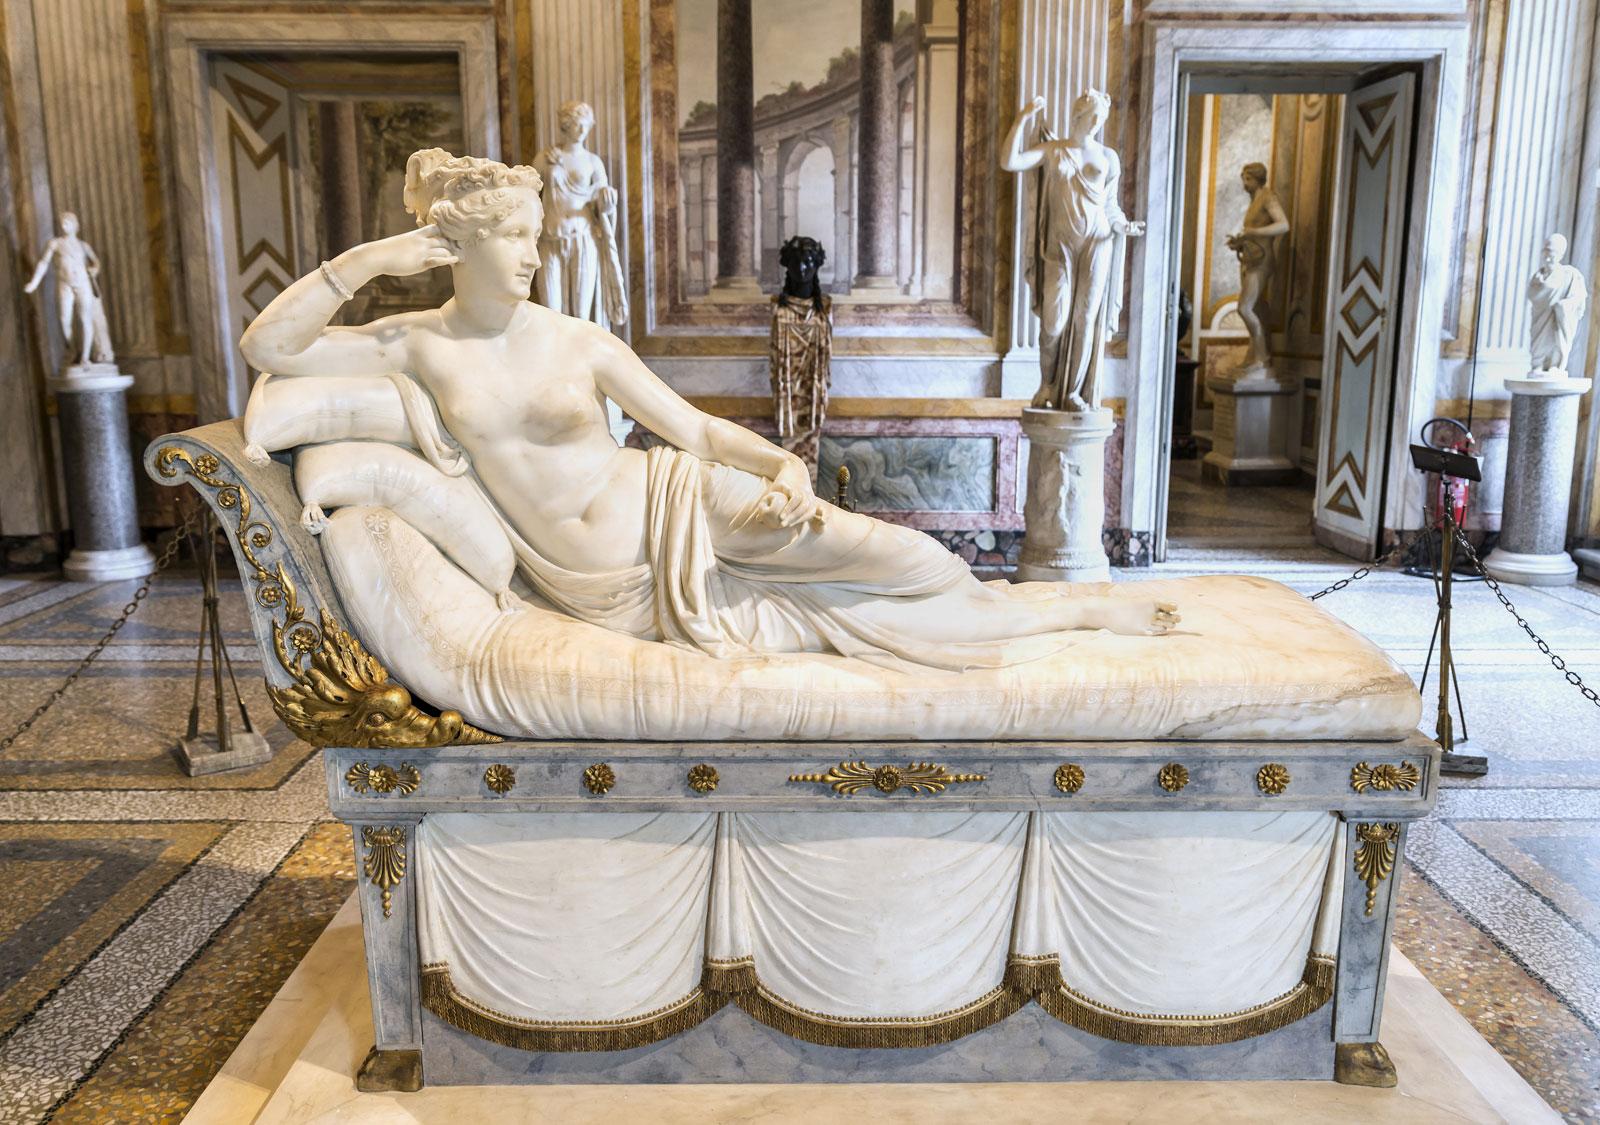 """سائح يتسبب بإتلاف جزء من تحفة فنية عمرها 200 عام في متحف """"أنطونيو كانوفا"""" الإيطالي"""